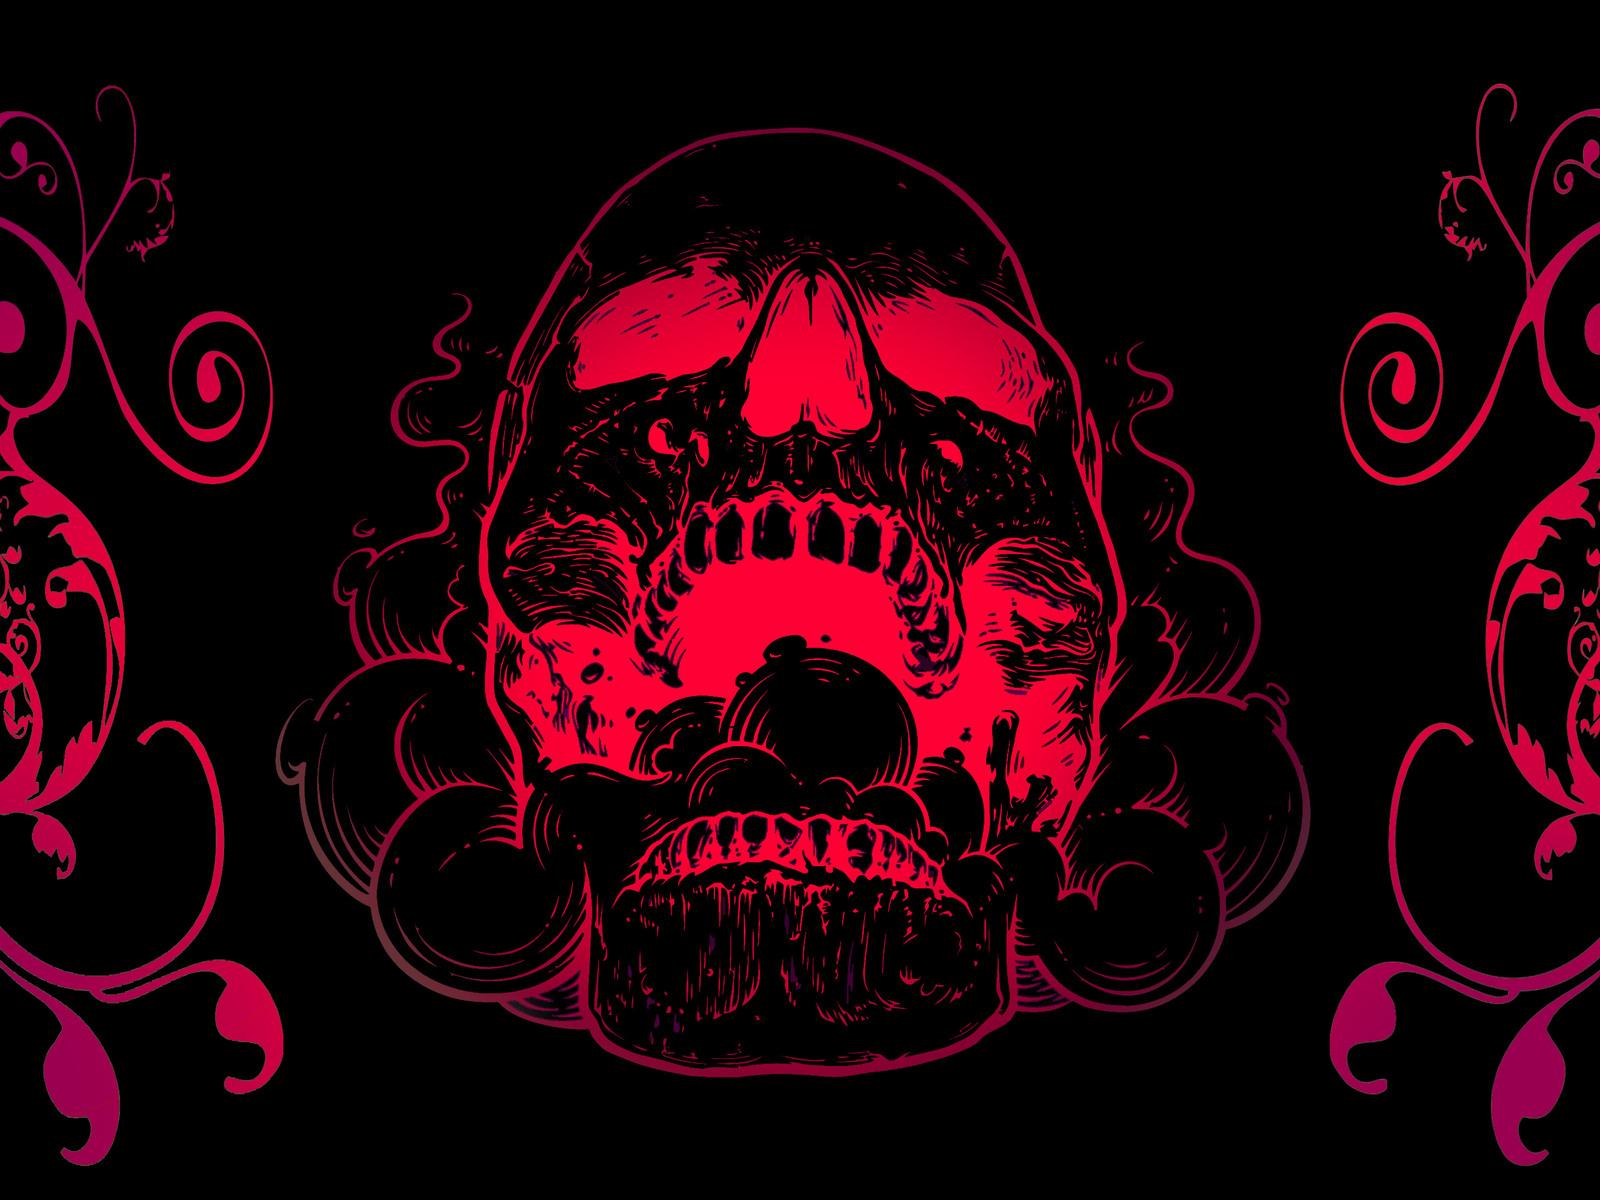 Red Skull Flowers Black Background 4k